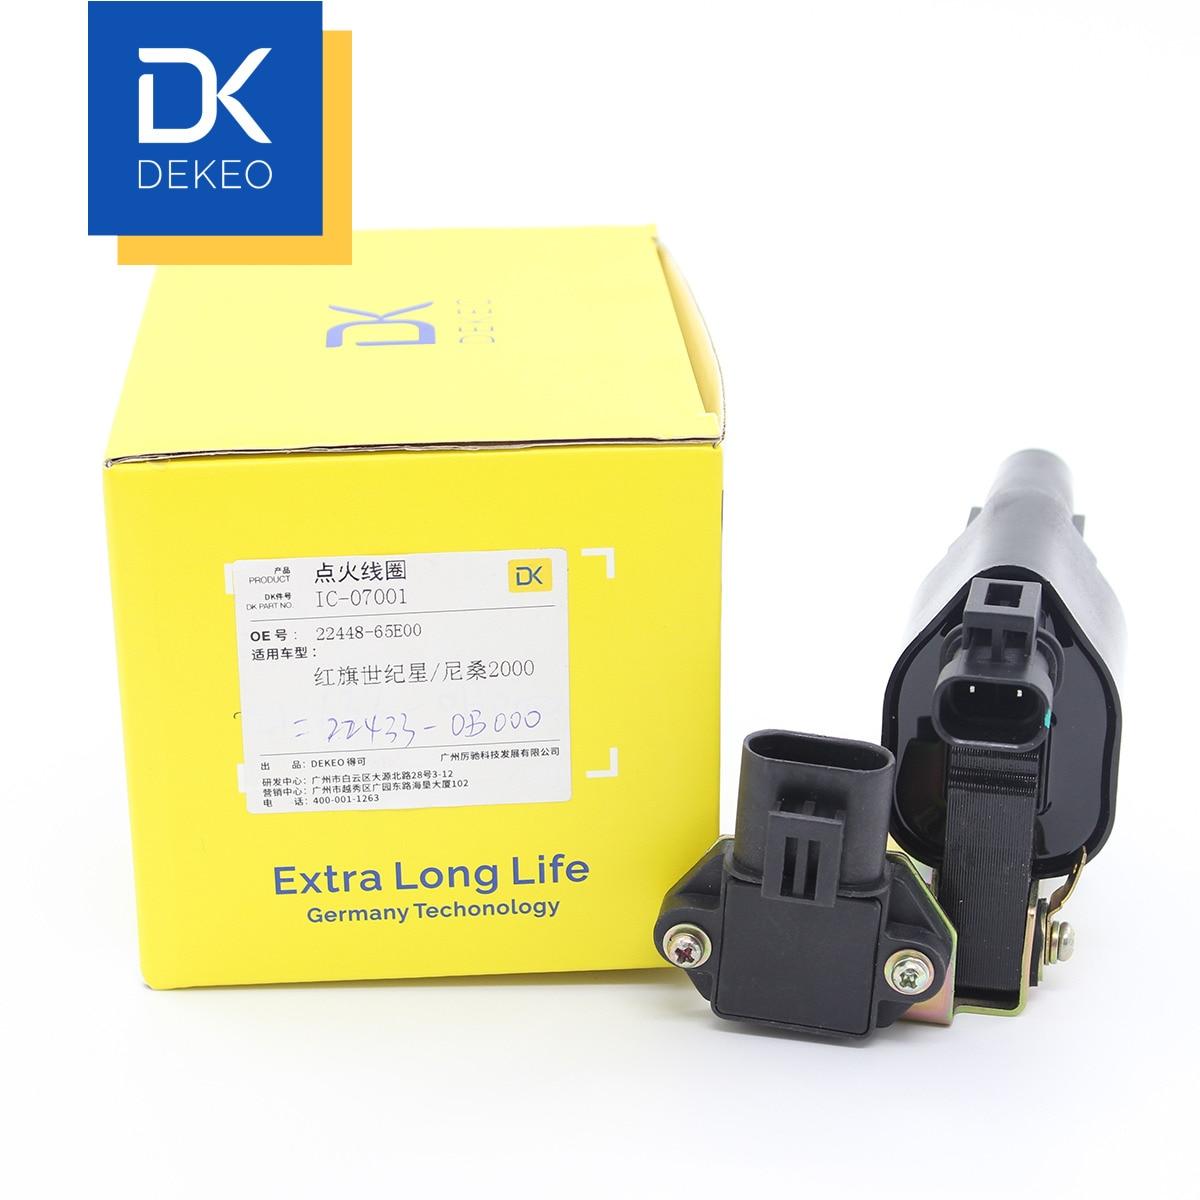 DEKEO bobinas de encendido para Hong Qi Mingshi Shijixing Nissan Bluebird U11 22448-65E00